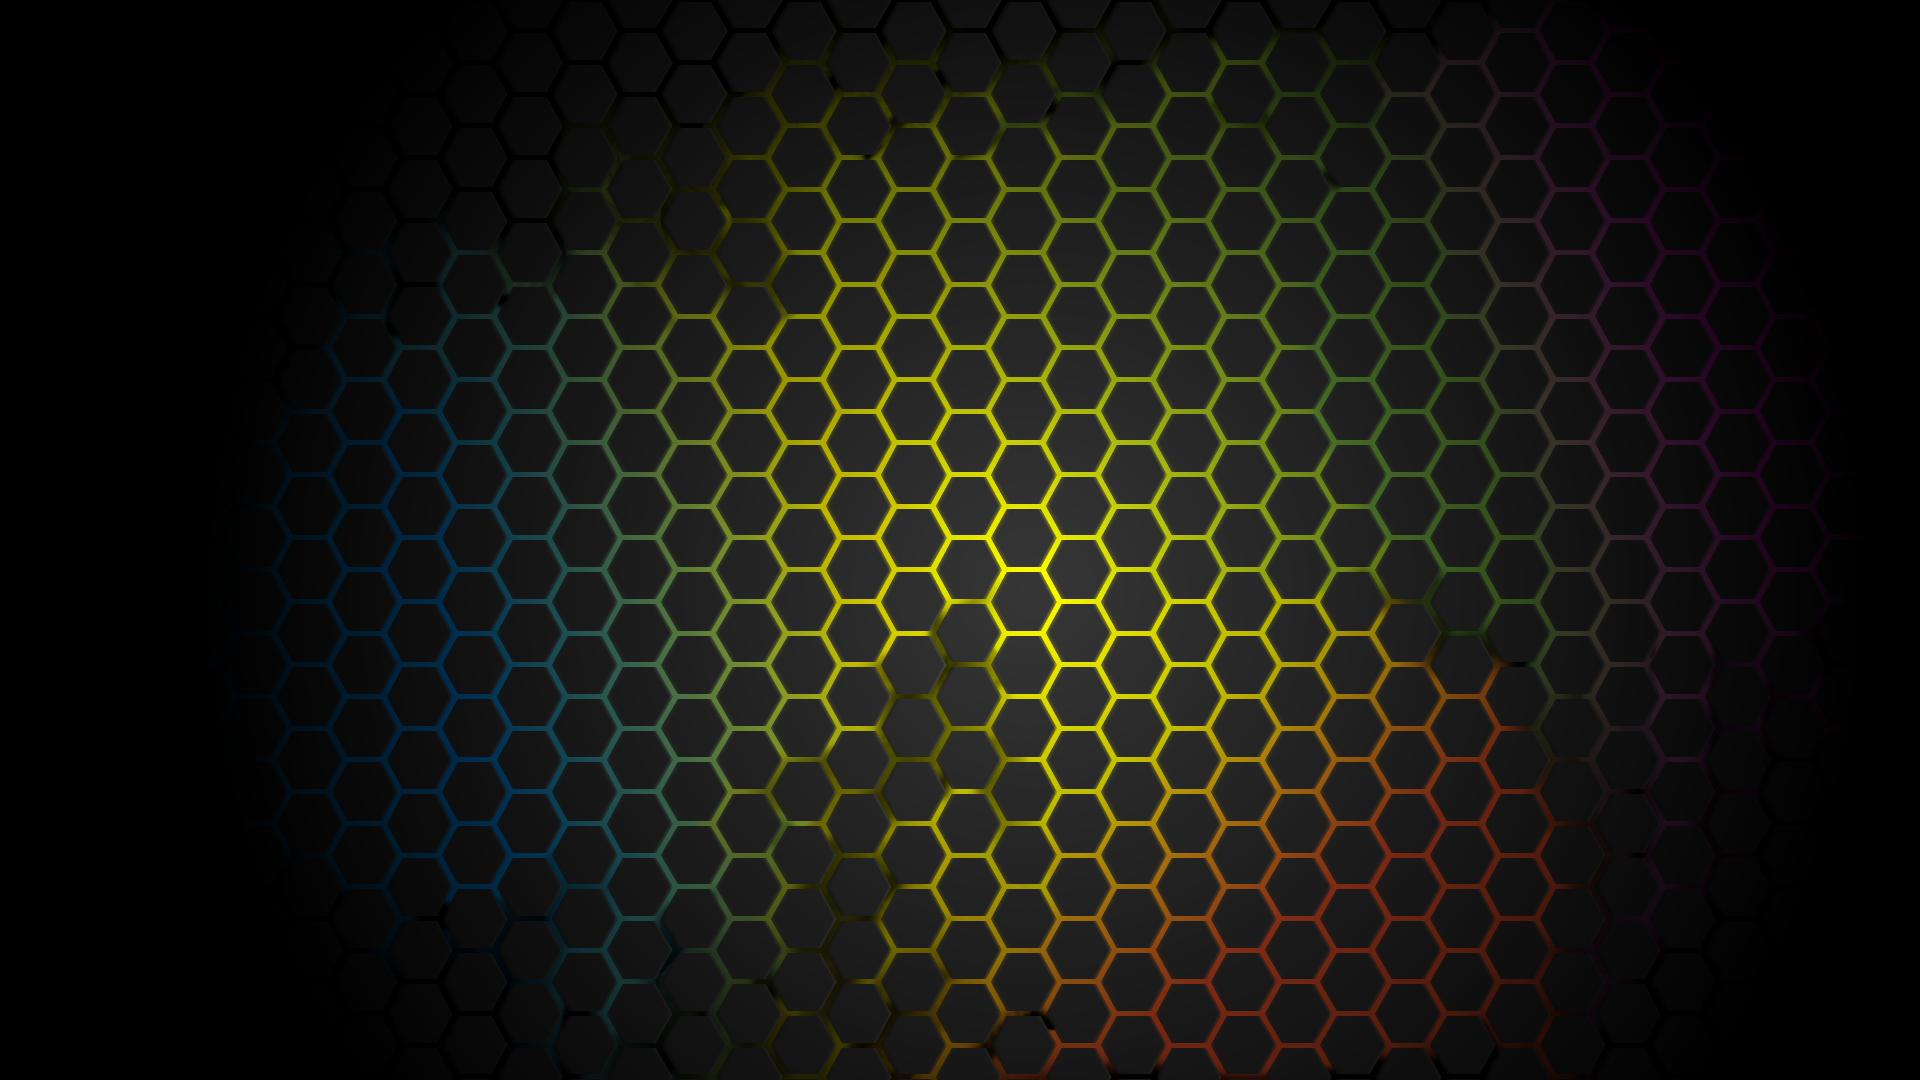 Wallpaper beehive yellow white honeycomb hexagon #ffff00 # ... |Yellow Honeycomb Wallpaper